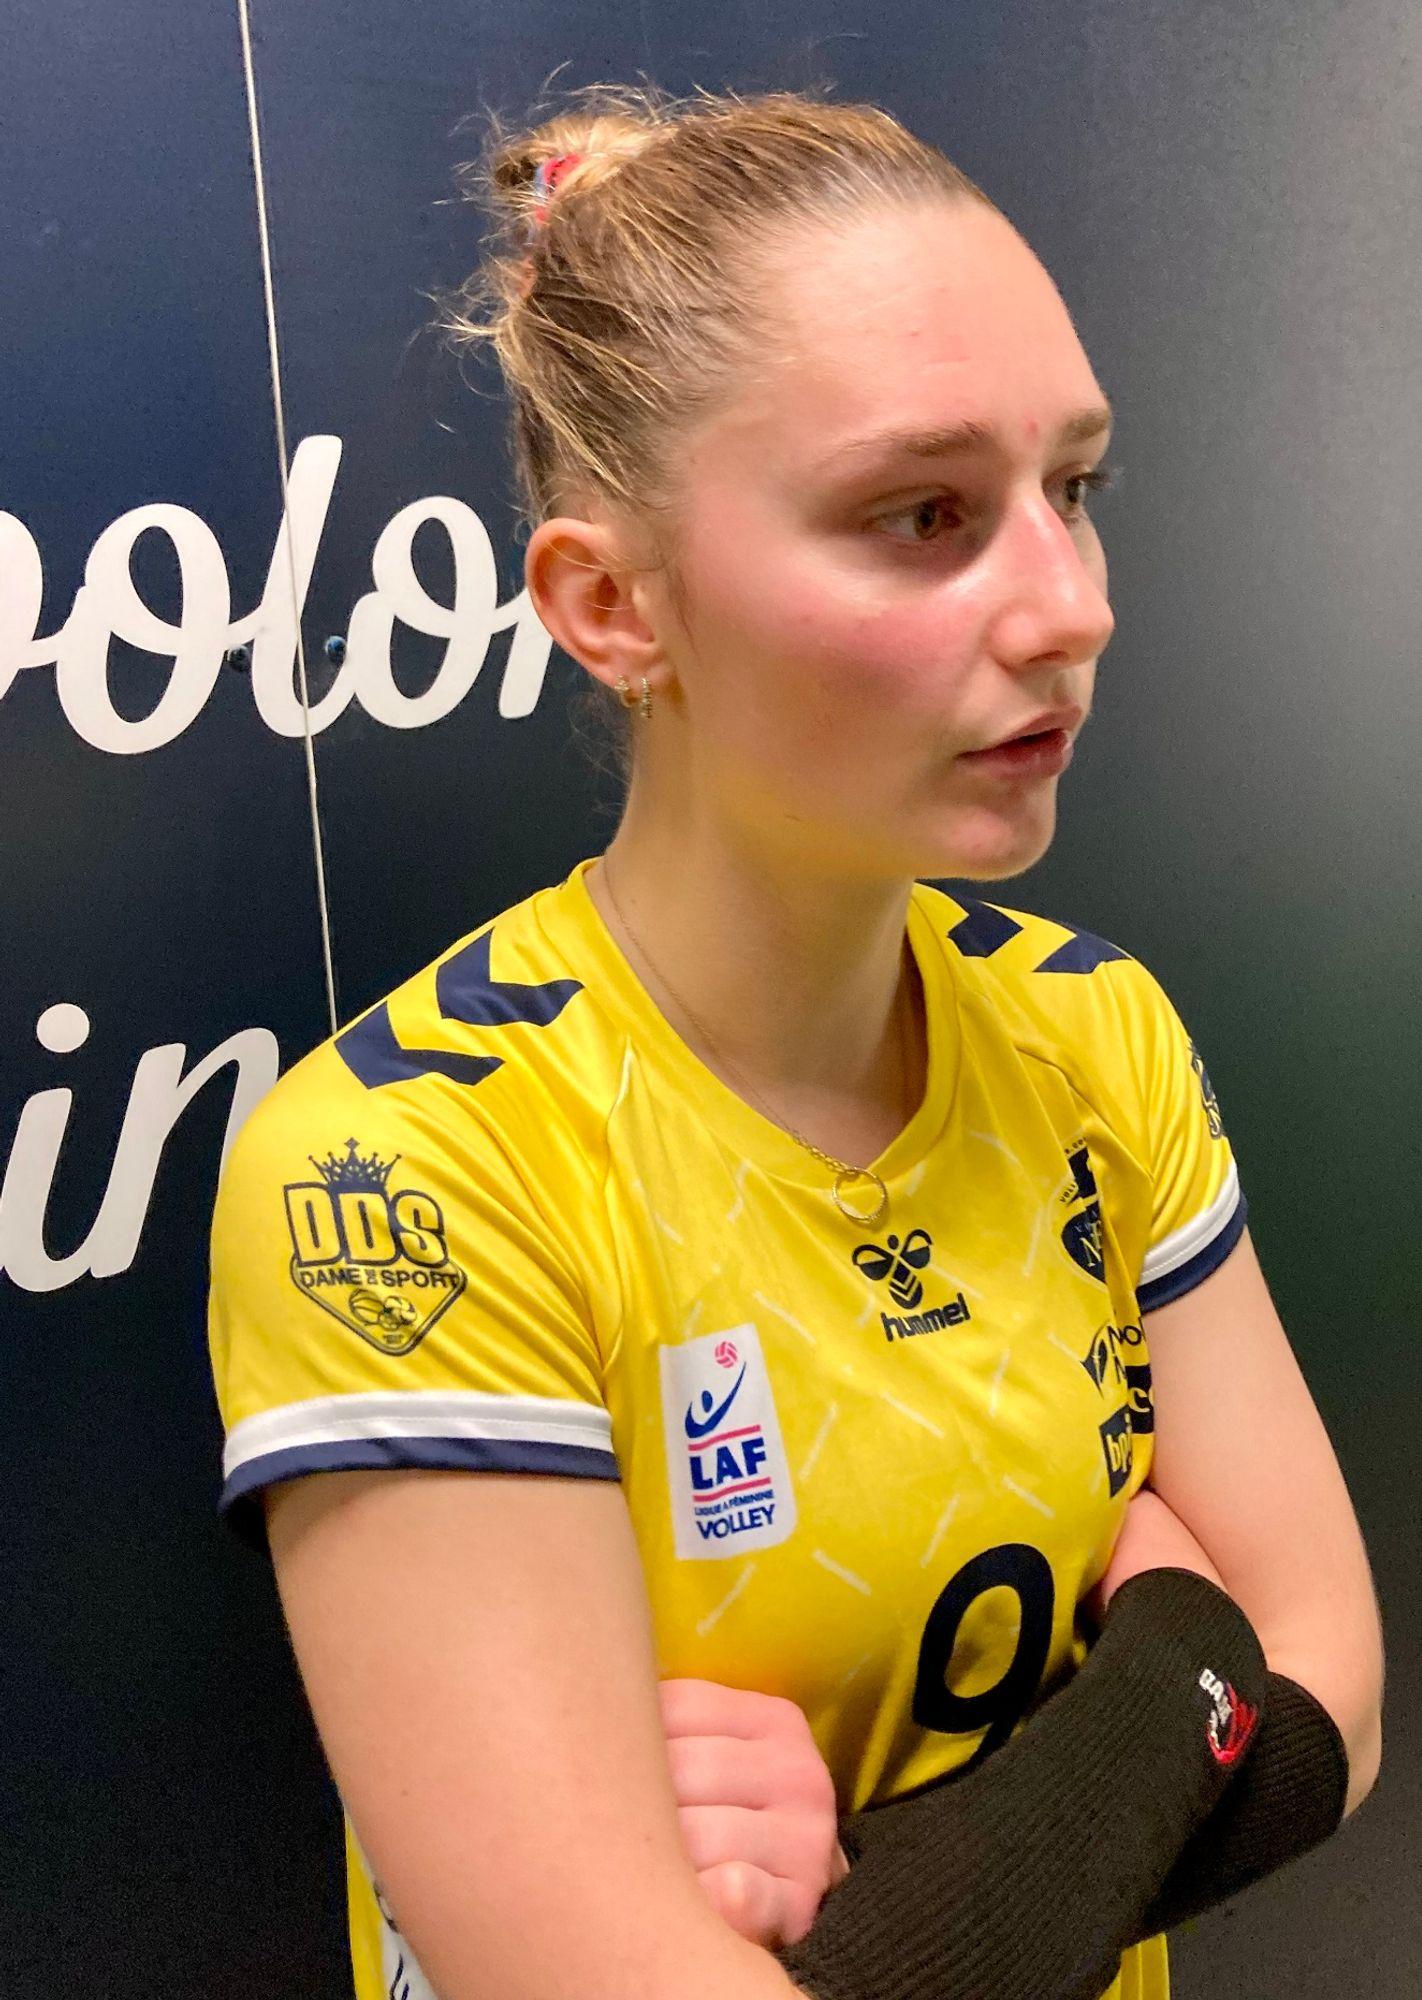 Emma Le Roux